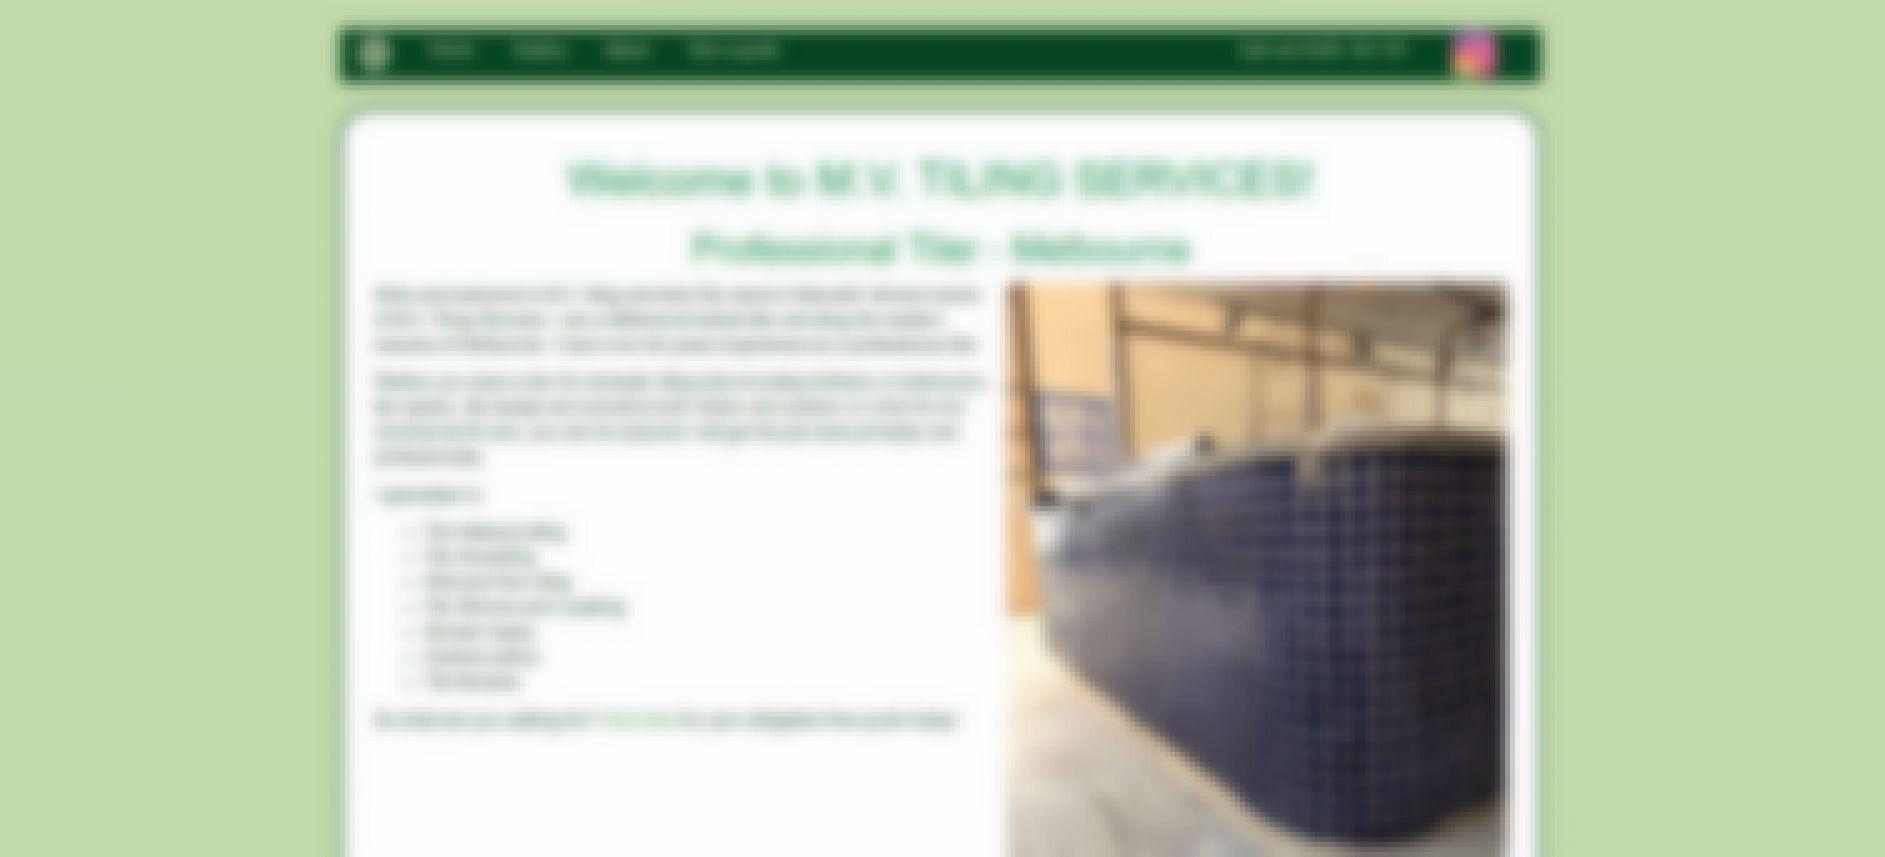 m.v. tiling services